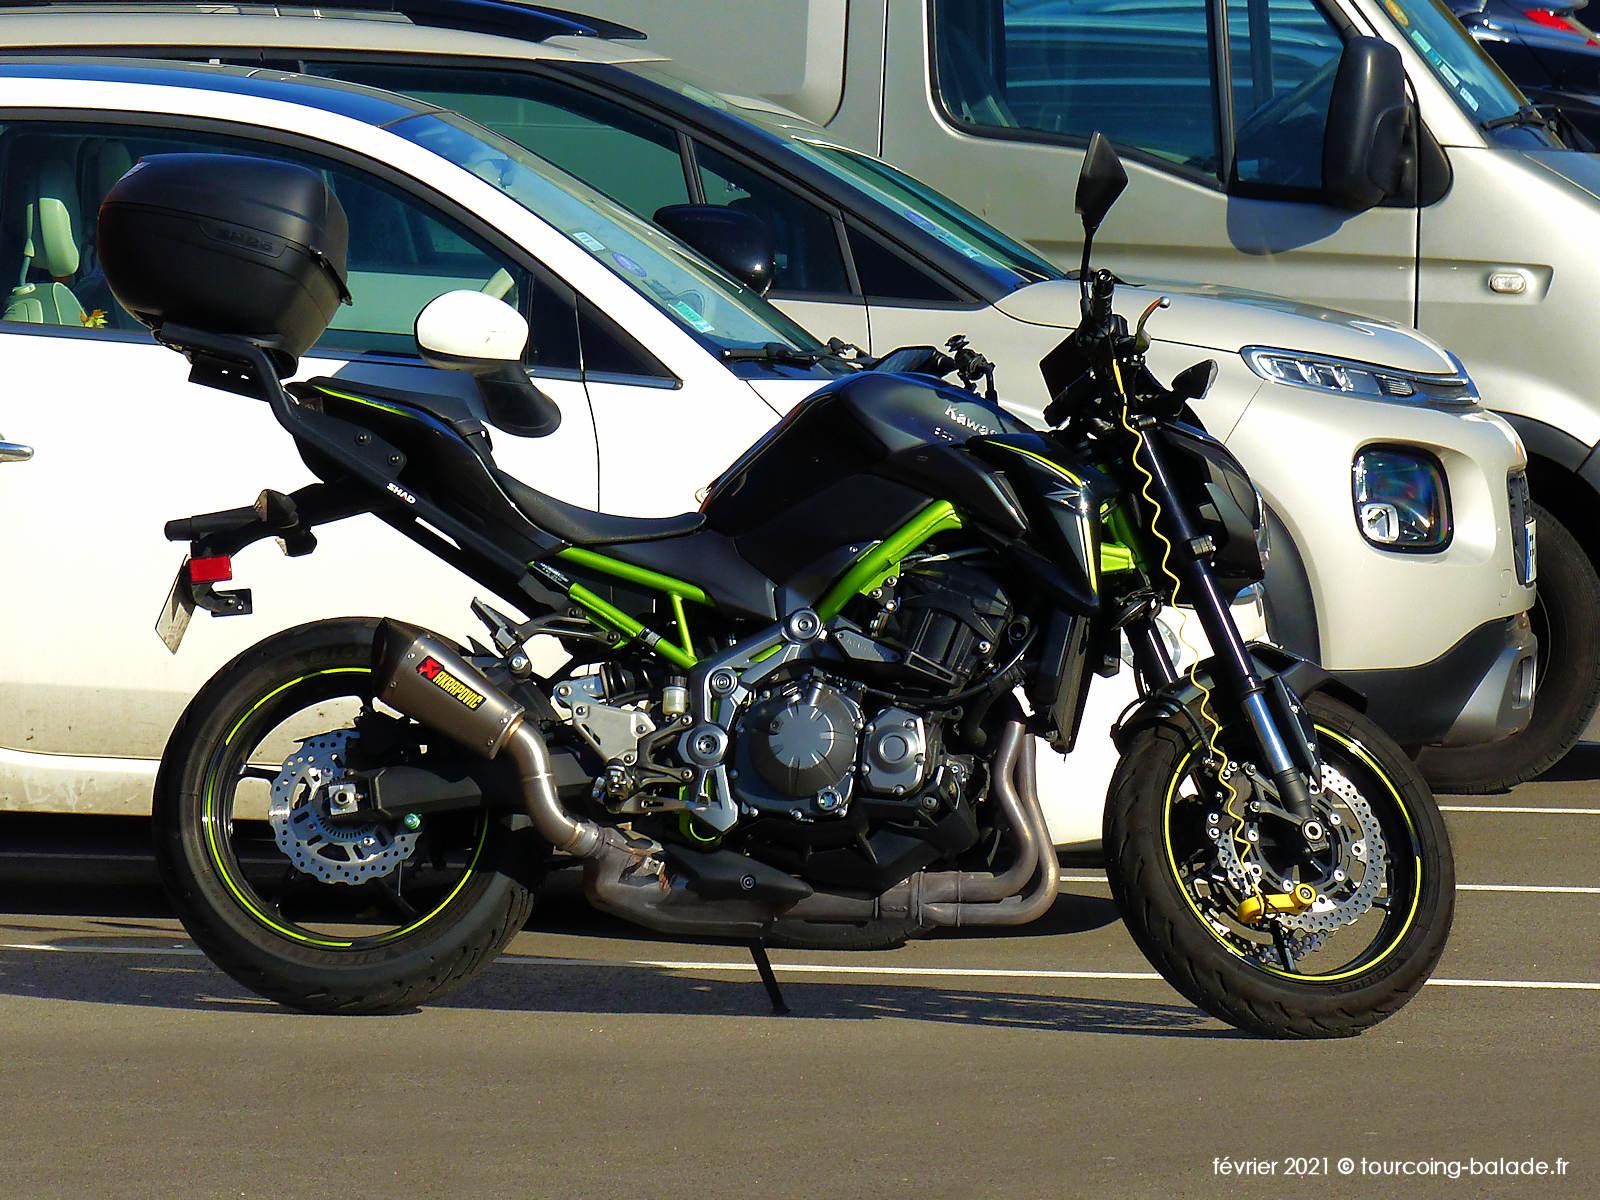 Moto Kawasaki, Tourcoing 2021